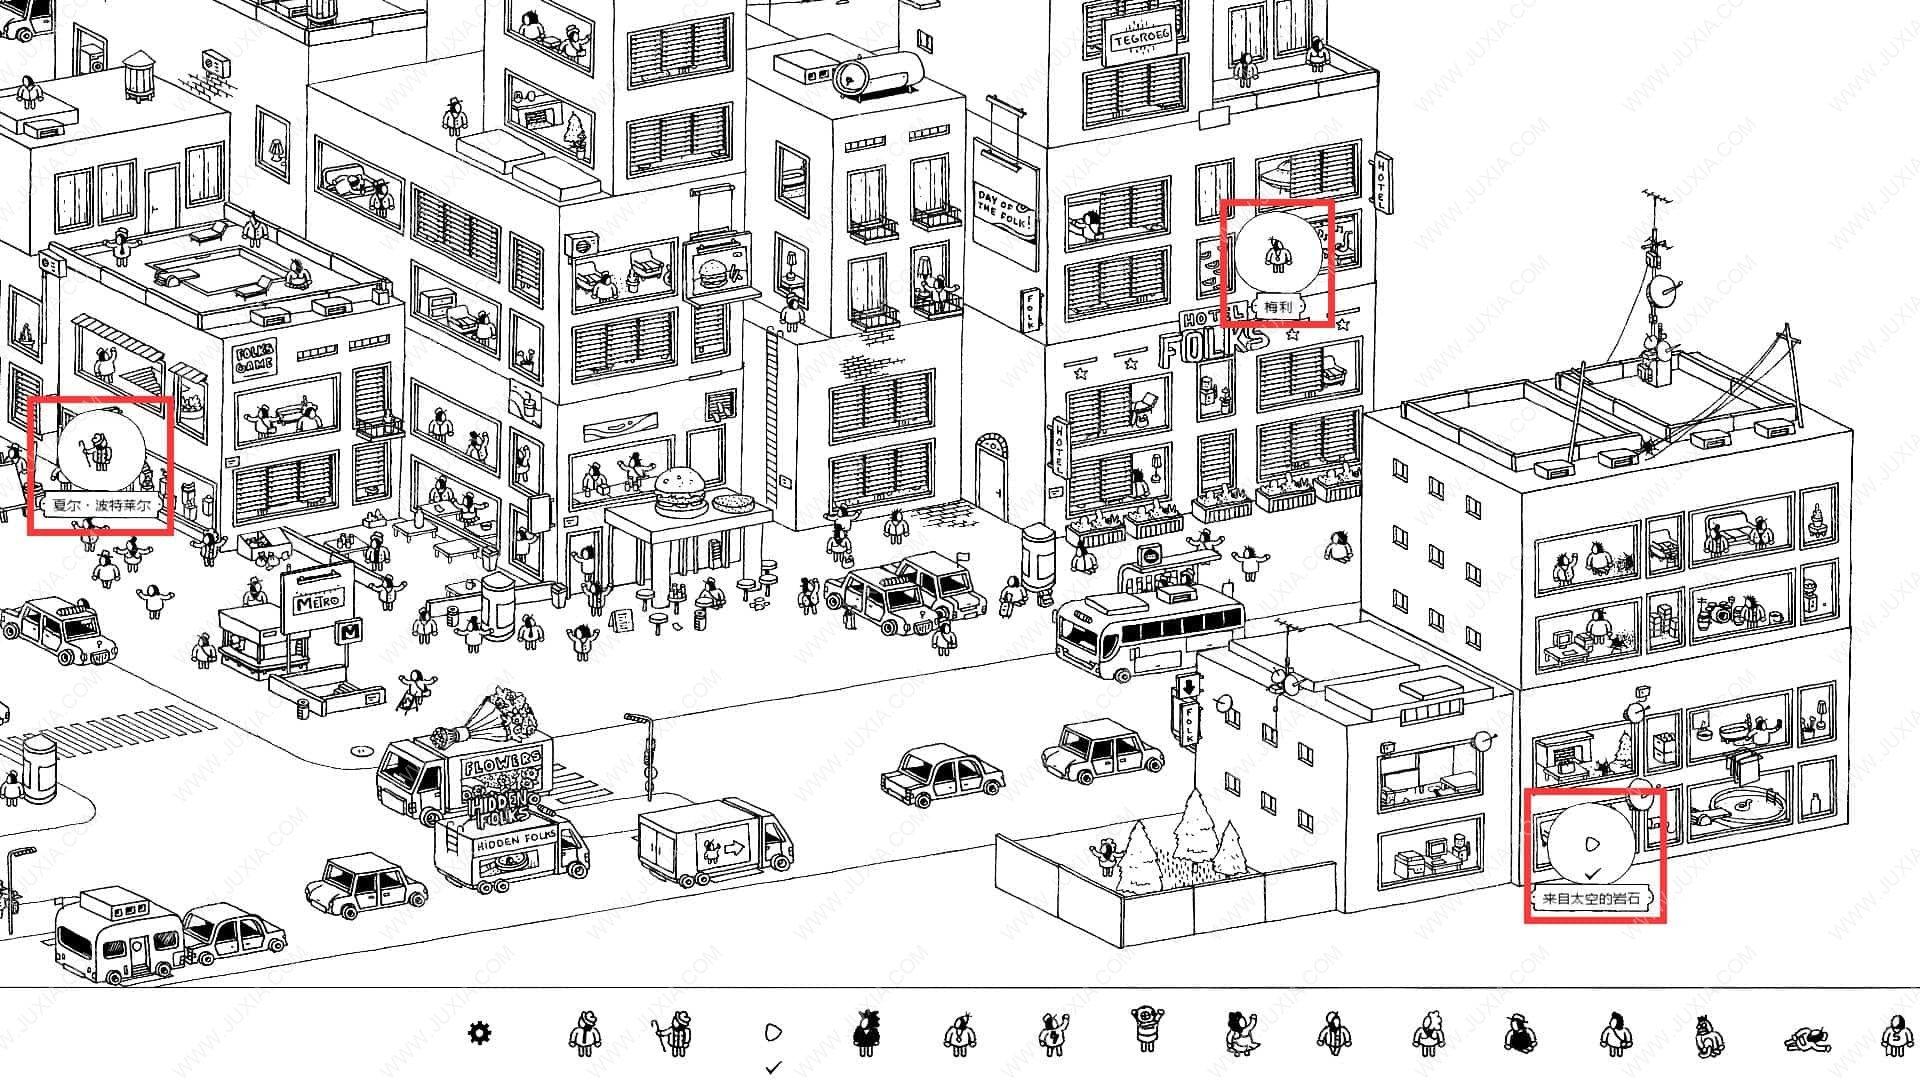 隐藏的家伙攻略图文城市第4关 HiddenFolks图文攻略城市第四关